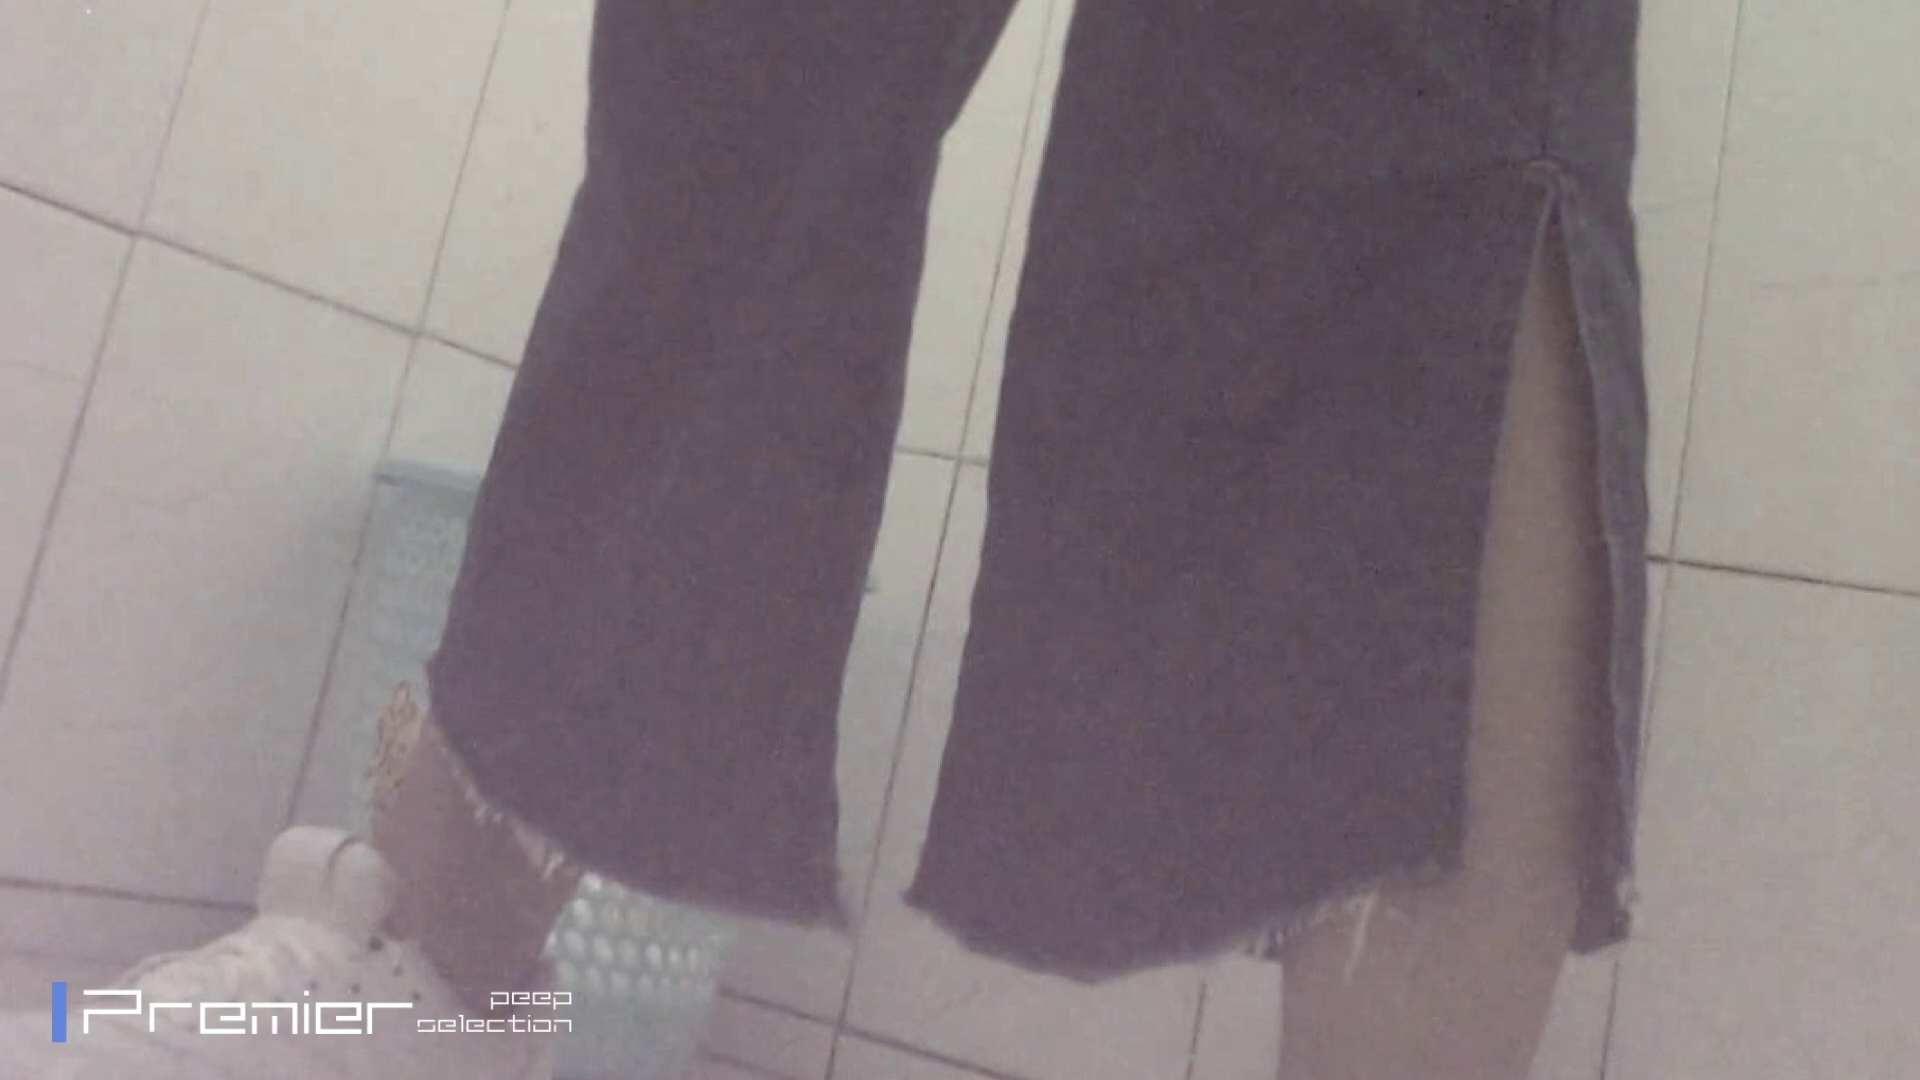 トイレシーンを密着盗撮!! 美女の痴態に密着!Vol.28 美肌  55PIX 16